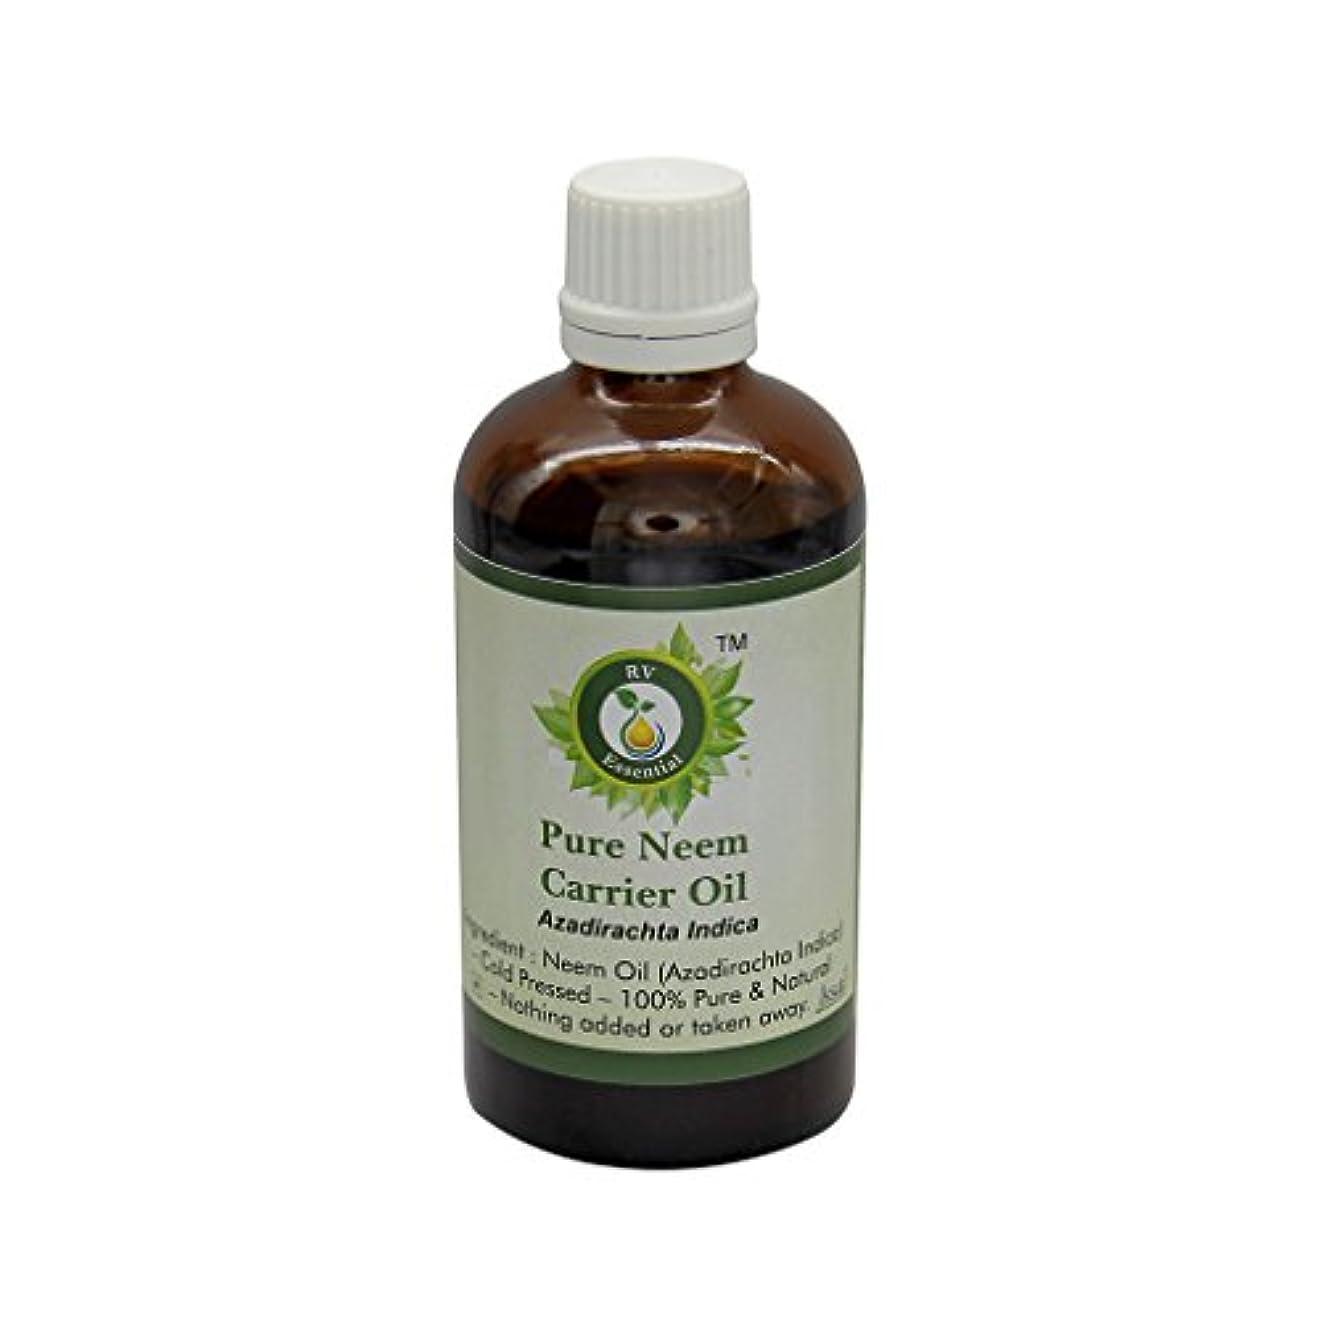 サスペンションスペース自分のためにR V Essential 純Neemキャリアオイル50ml (1.69oz)- Azadirachta Indica (100%ピュア&ナチュラルコールドPressed) Pure Neem Carrier Oil